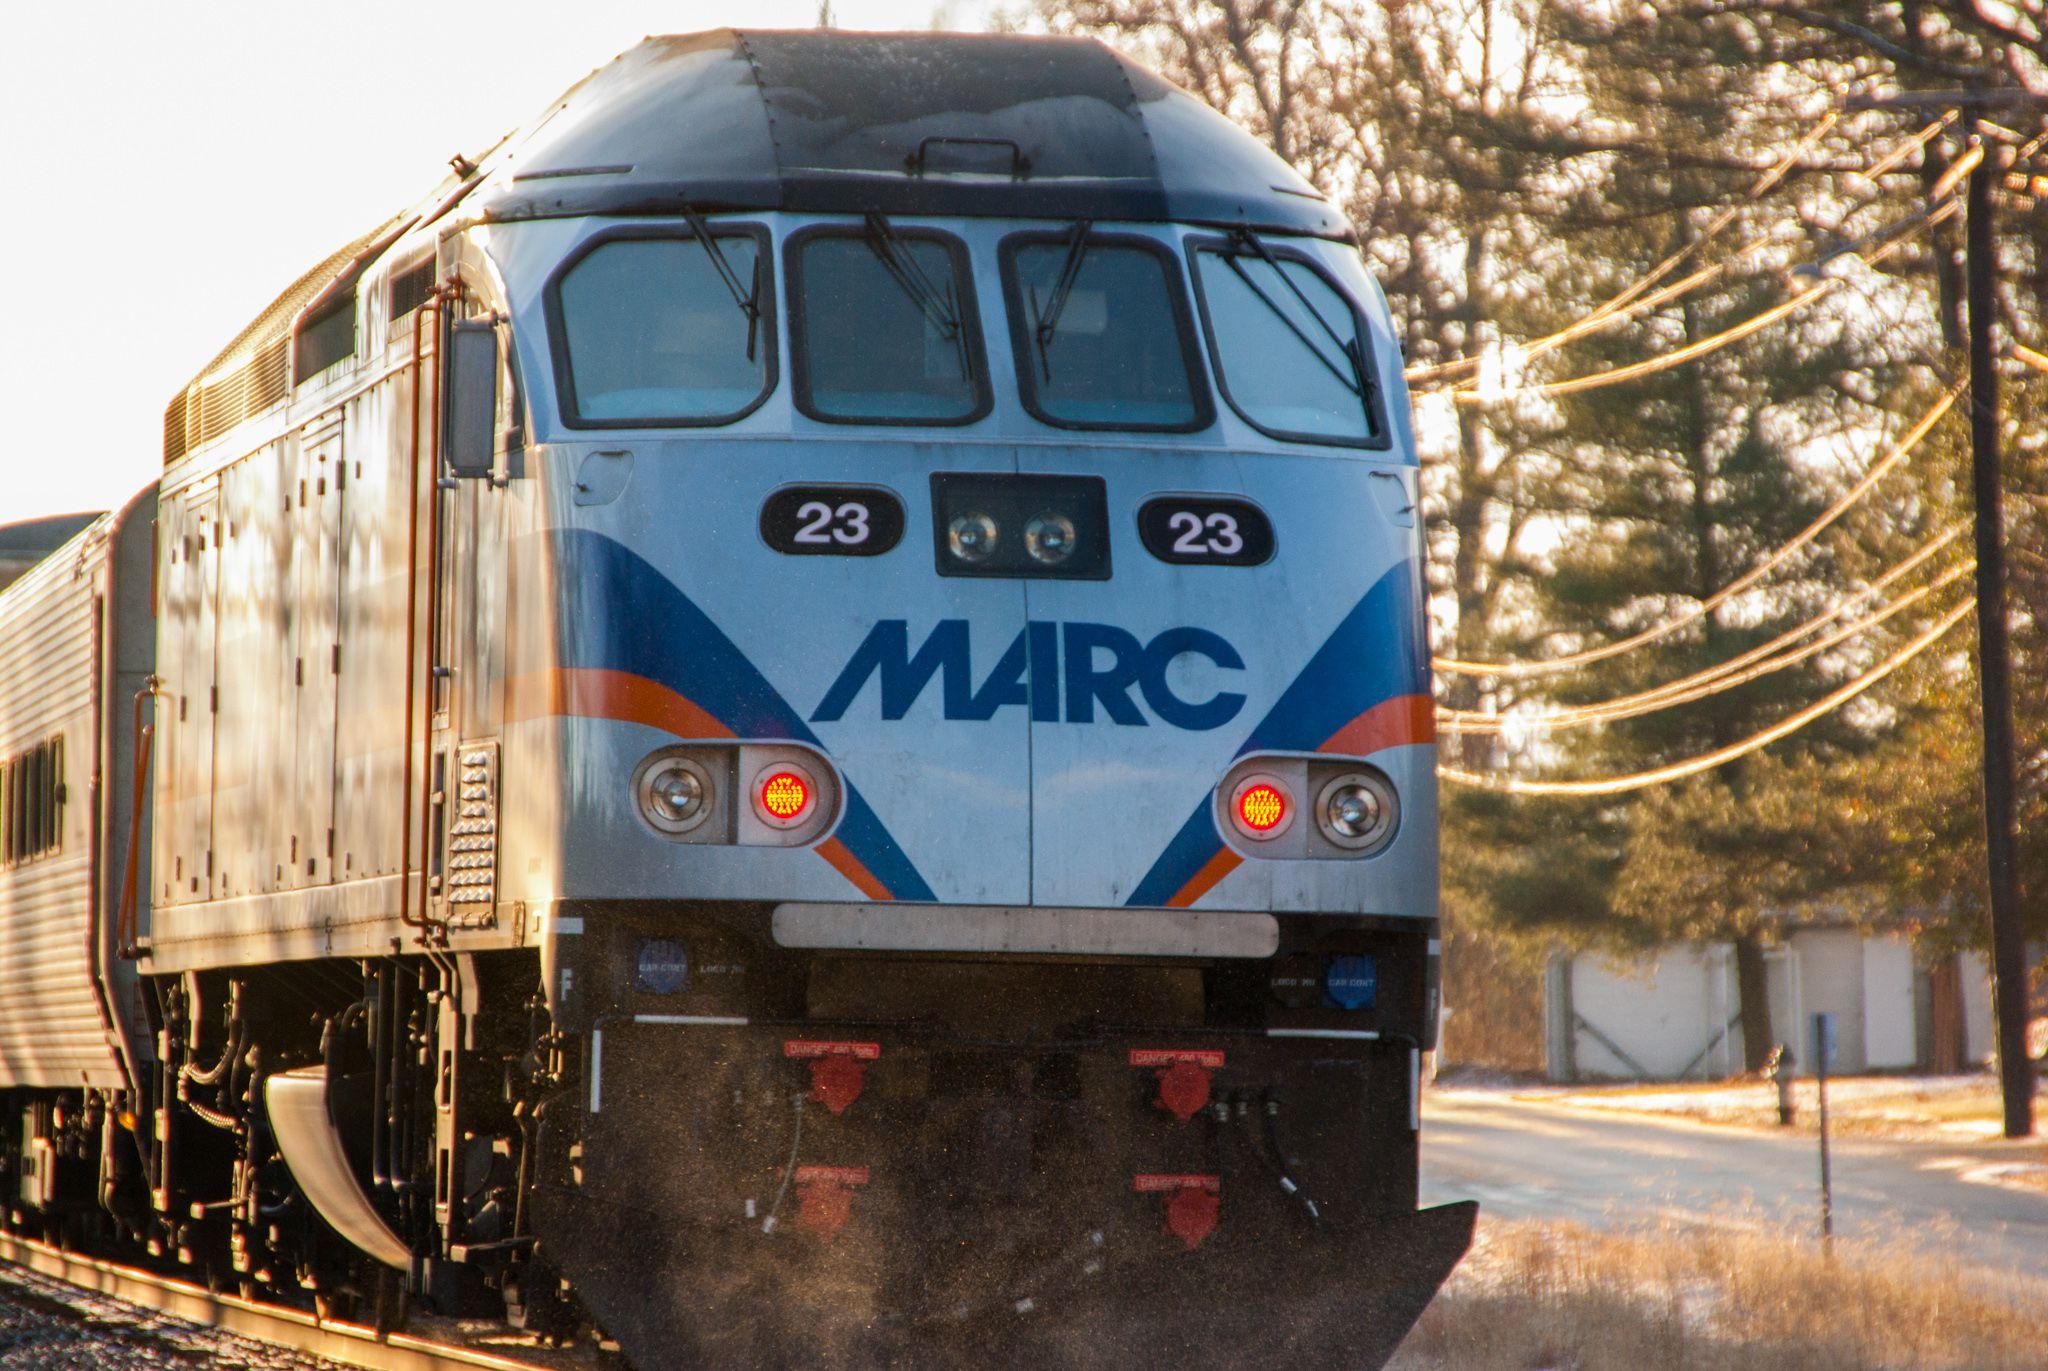 marc train: commuter rail line to washington, d.c.